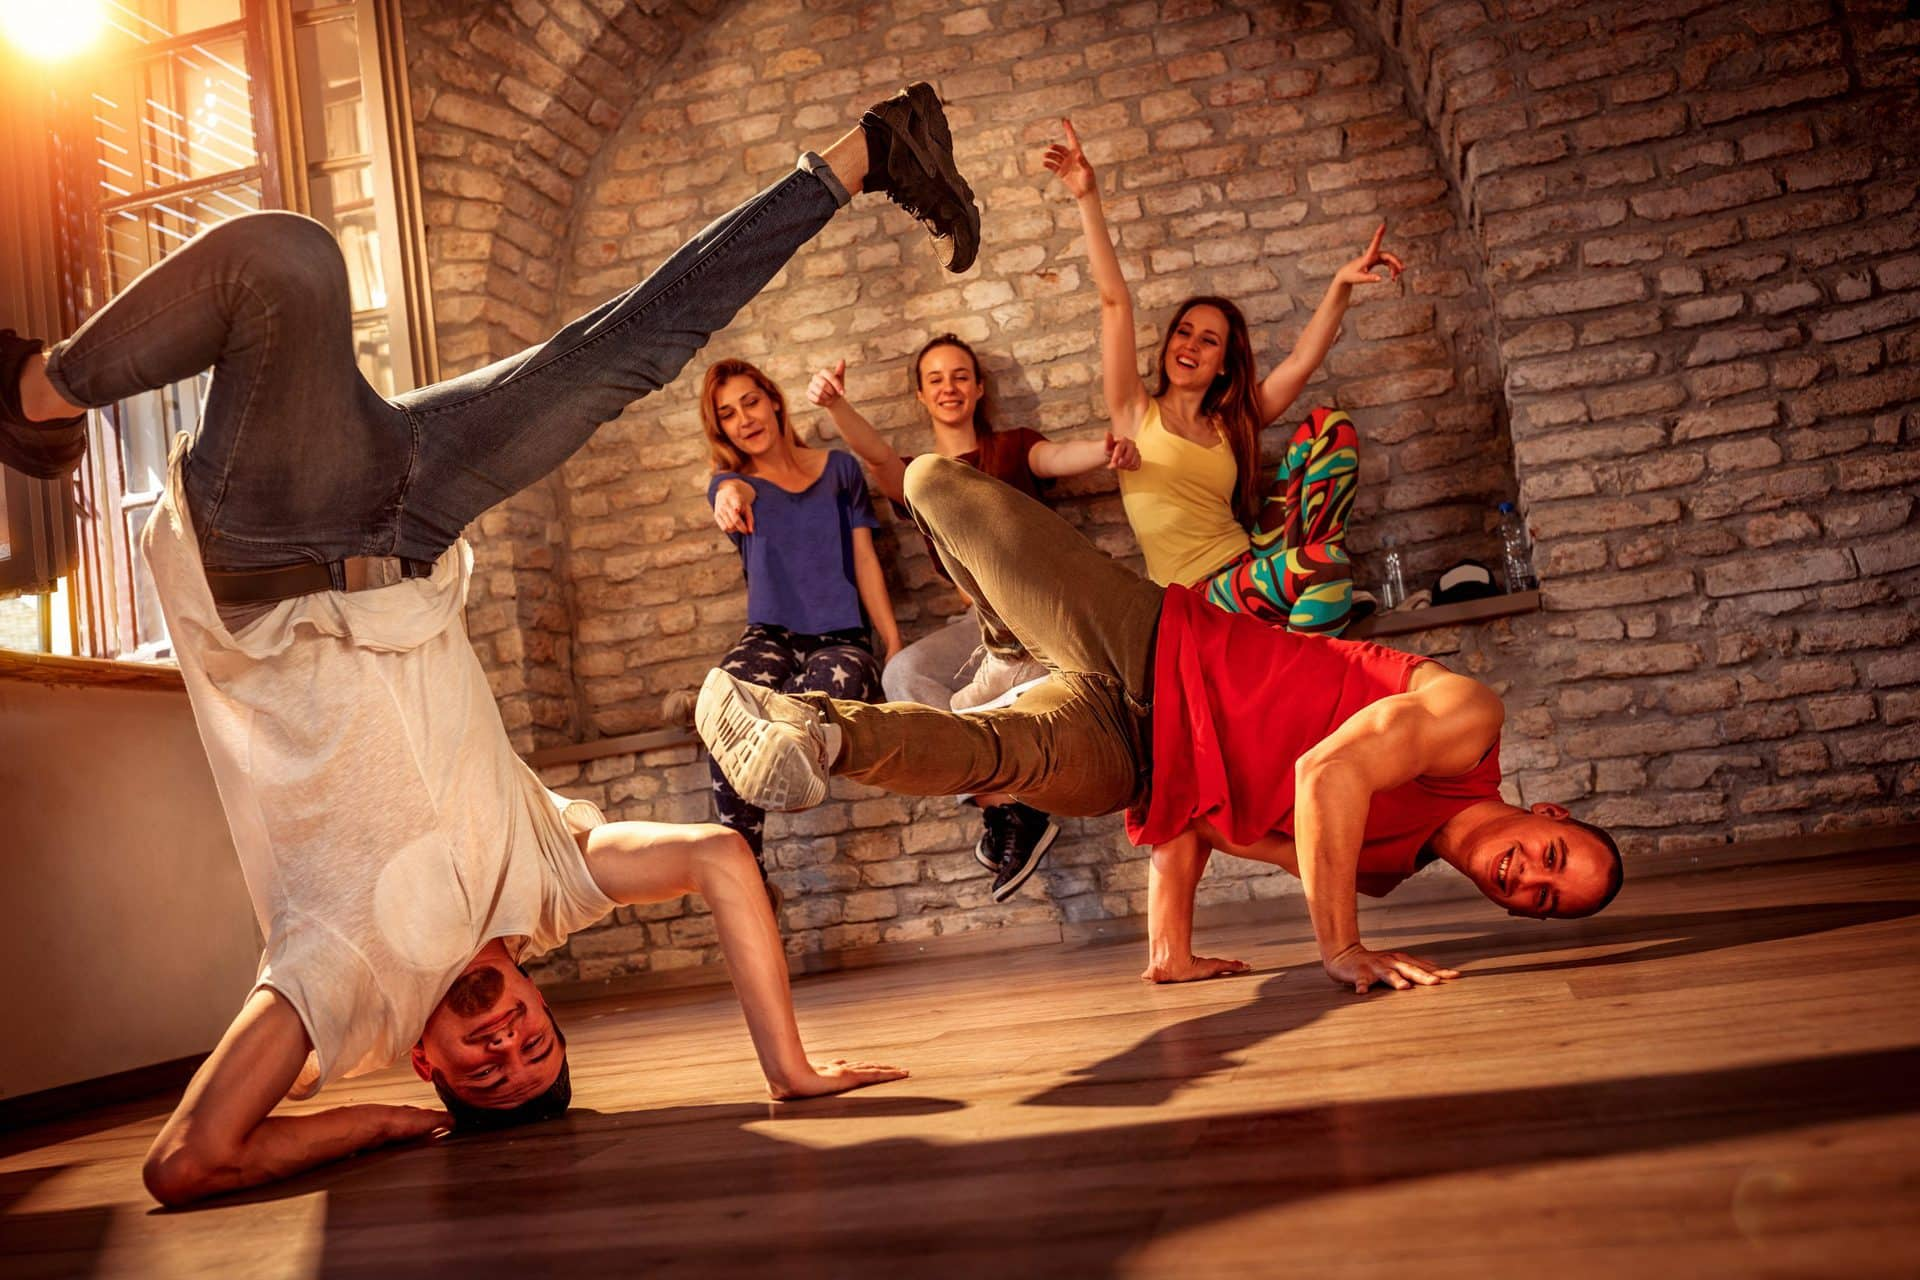 Hip-Hop Dance Battle im Jugendzentrum Utopia Tanz-Wettbewerb in Regensburg mit dem deutschlandweit bekannten Rob Lawray alias DJ Sonsuma